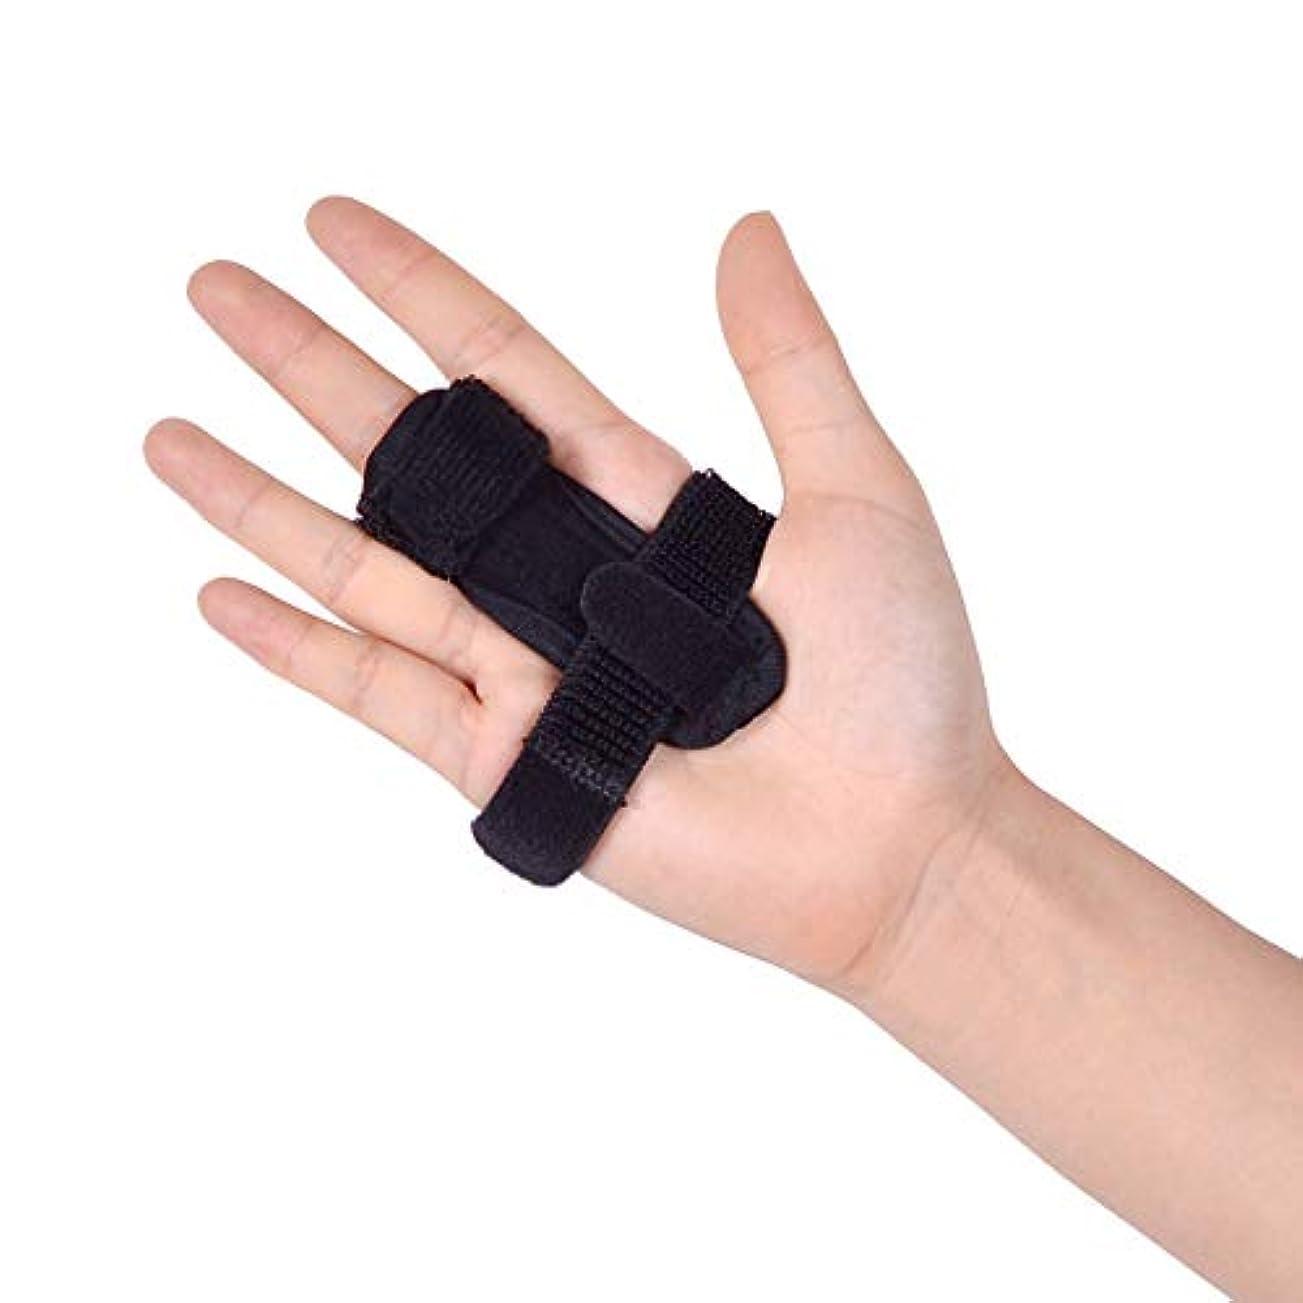 分注する肥沃な悪因子指関節炎外反母趾矯正補助伸展矯正関節炎マレットナックルブレース用剛性捻挫ナックルペインリリーフフィンガーサポートトレーニングブレース